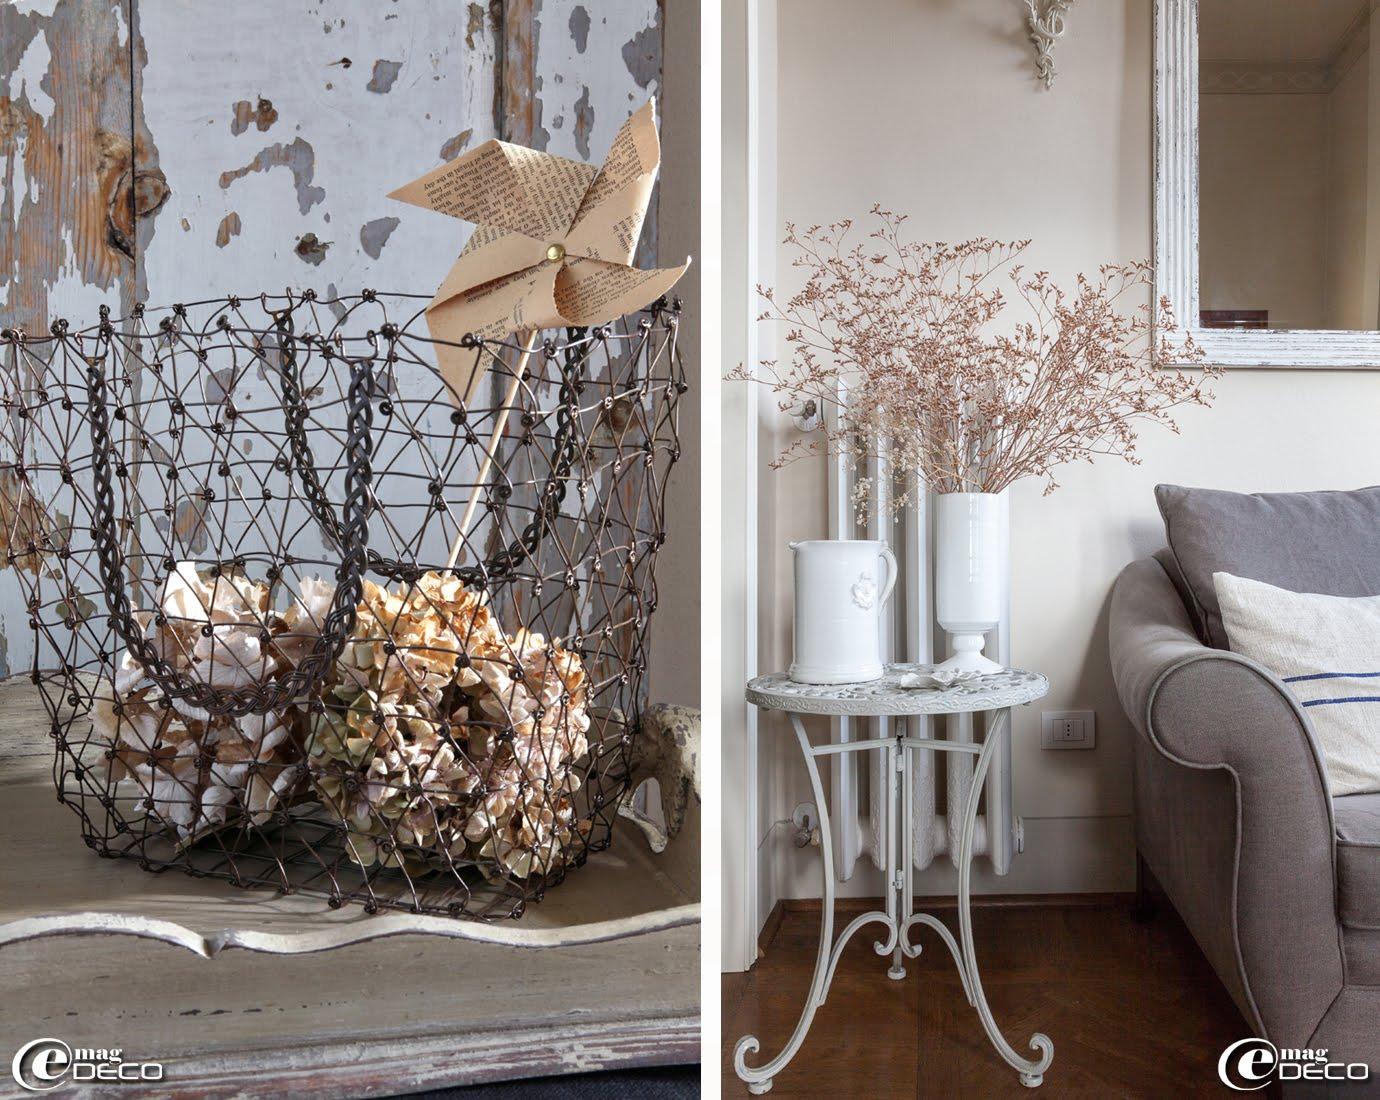 Dans un panier en fil de fer 'Chehoma', des hortensias séchés et un moulin à vent confectionné par Irene, propriétaire de la maison d'hôtes de charme 'Valdirose' près de Florence